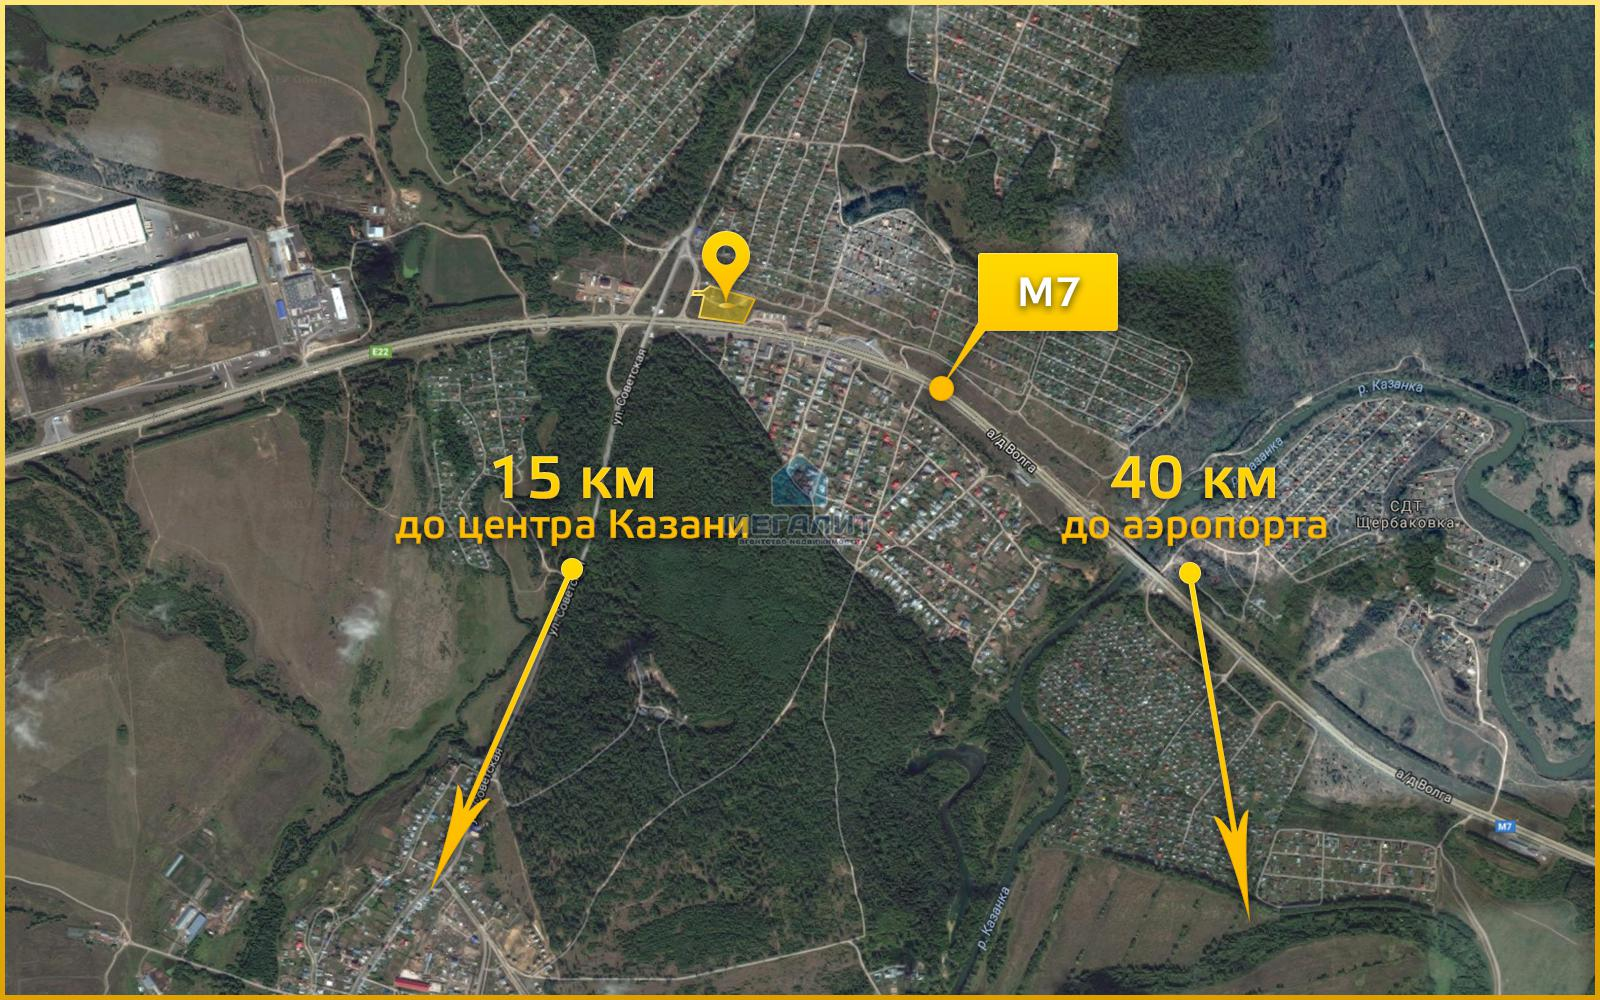 Продажа  участка 818 км а/д м-7 Волга Москва-Казань-Уфа